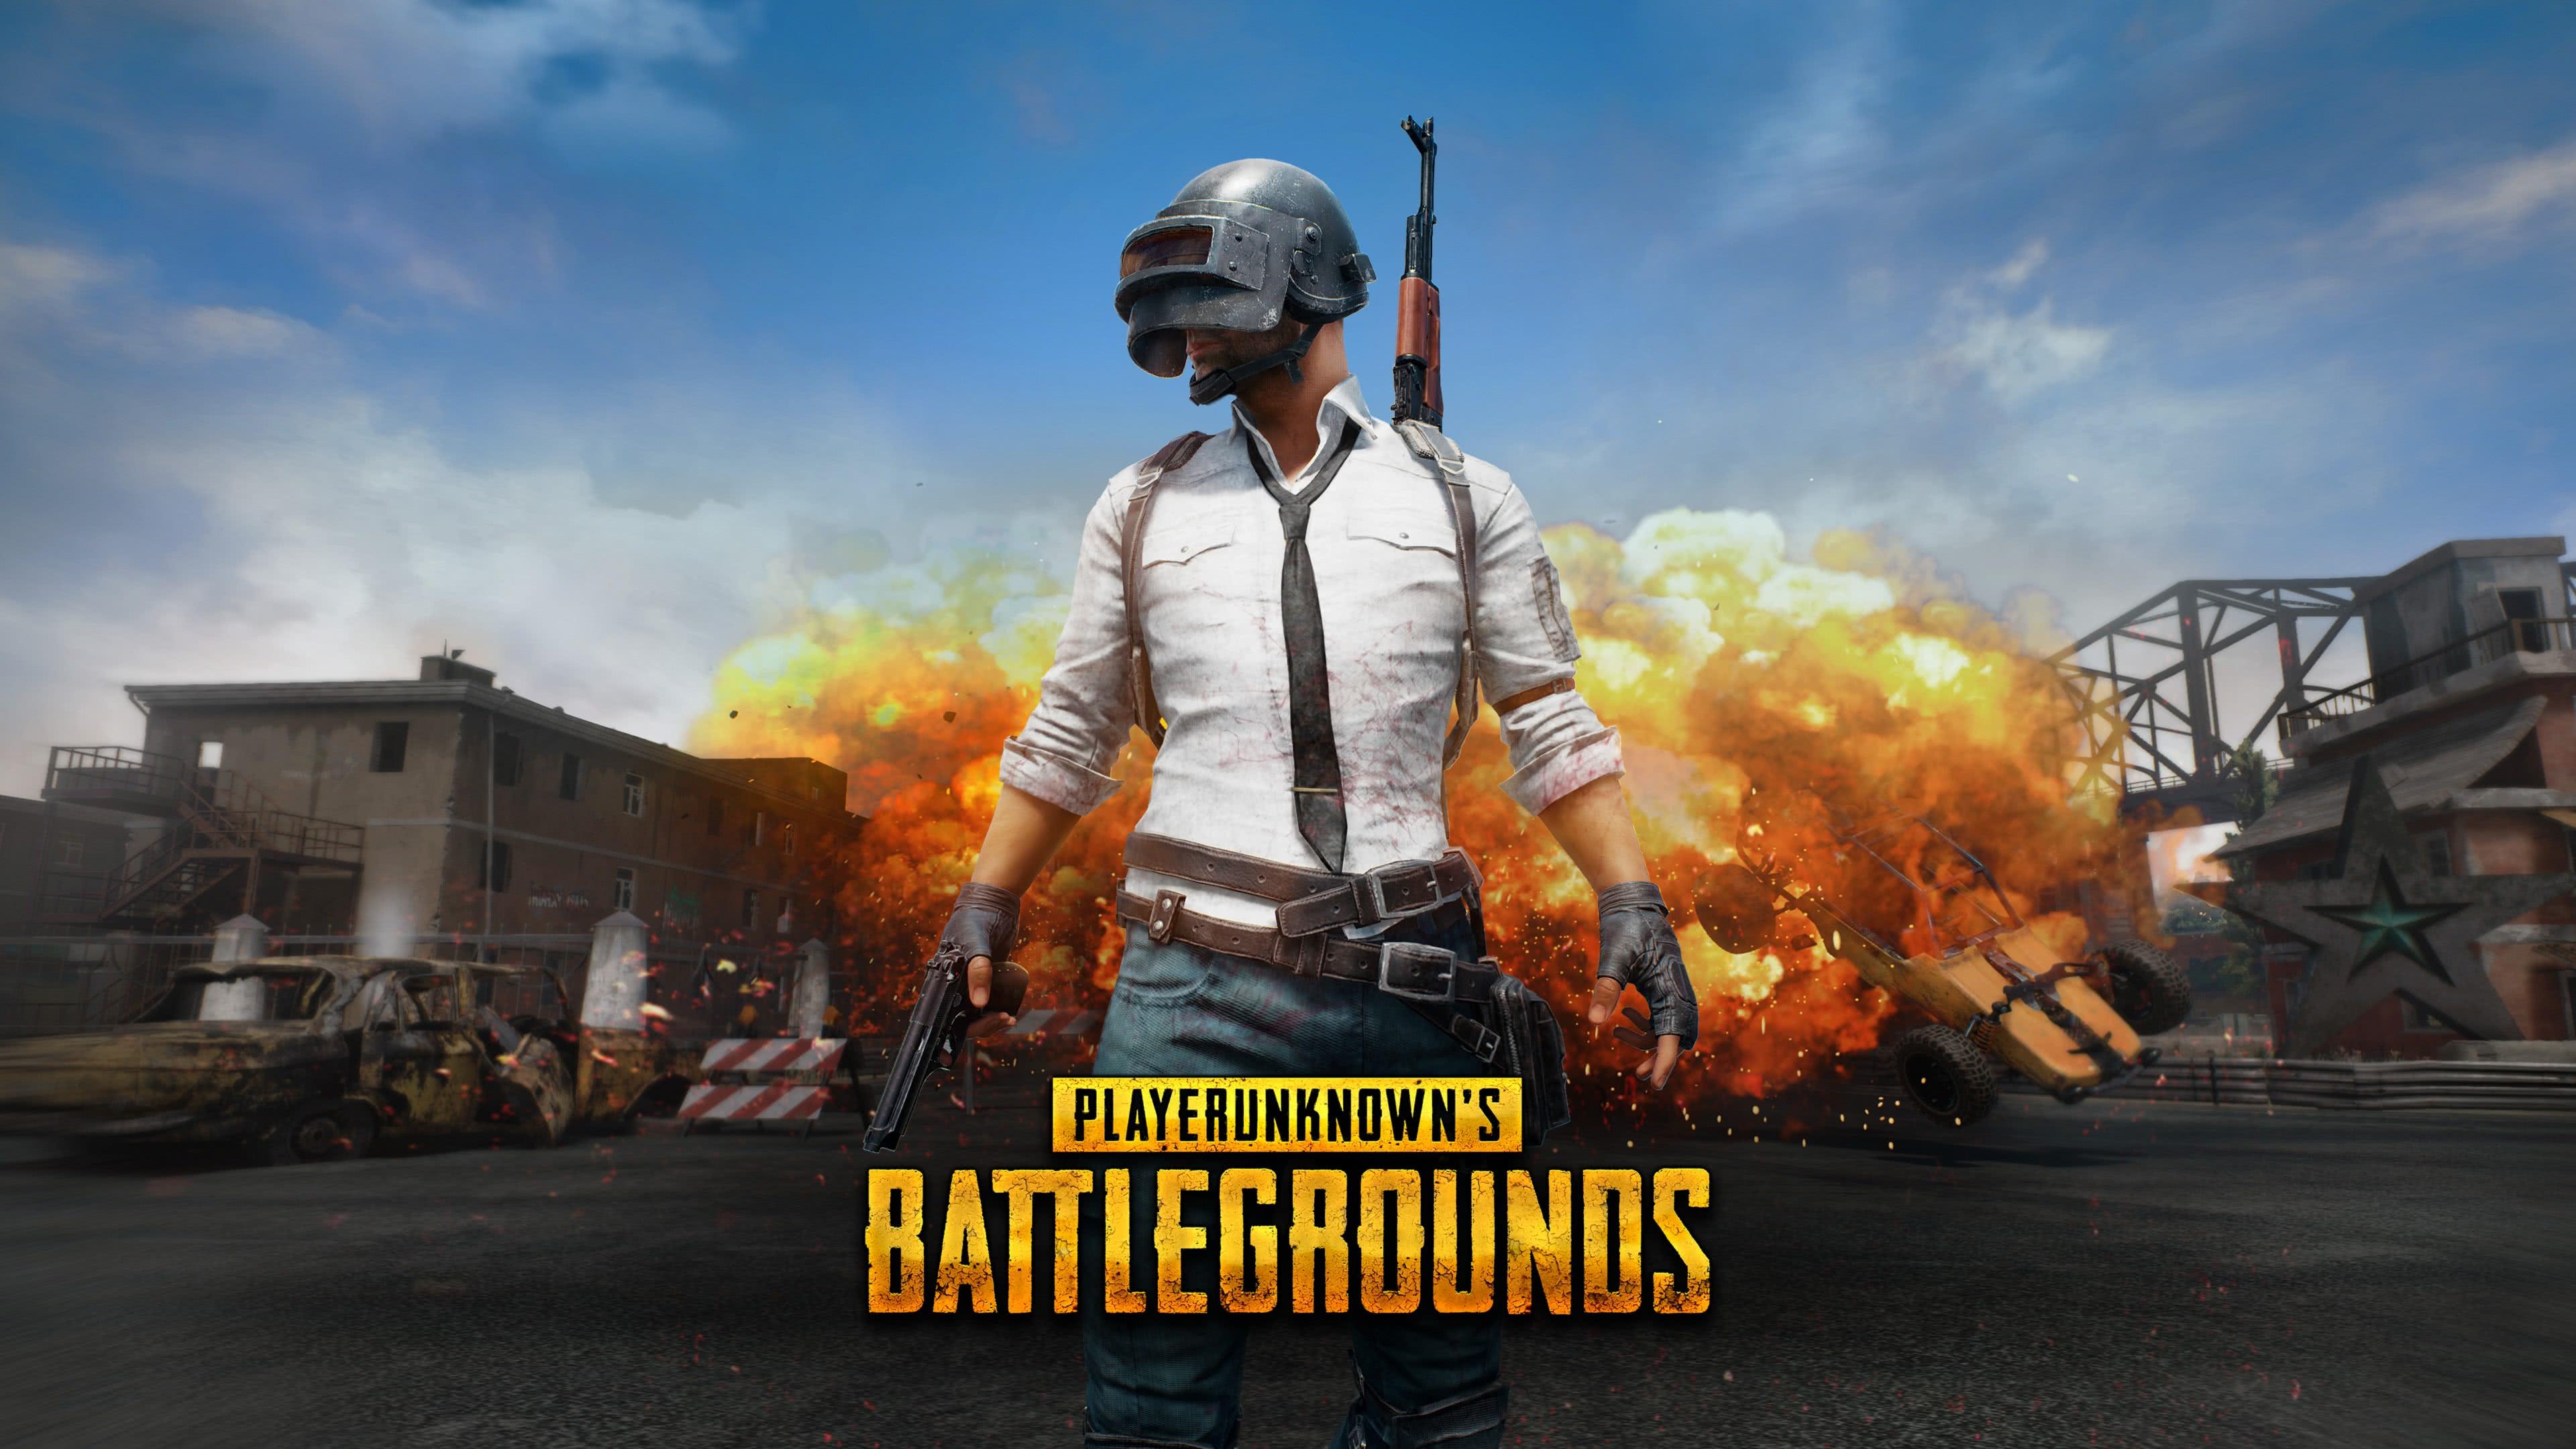 PUBG (PlayerUnknown's Battlegrounds)